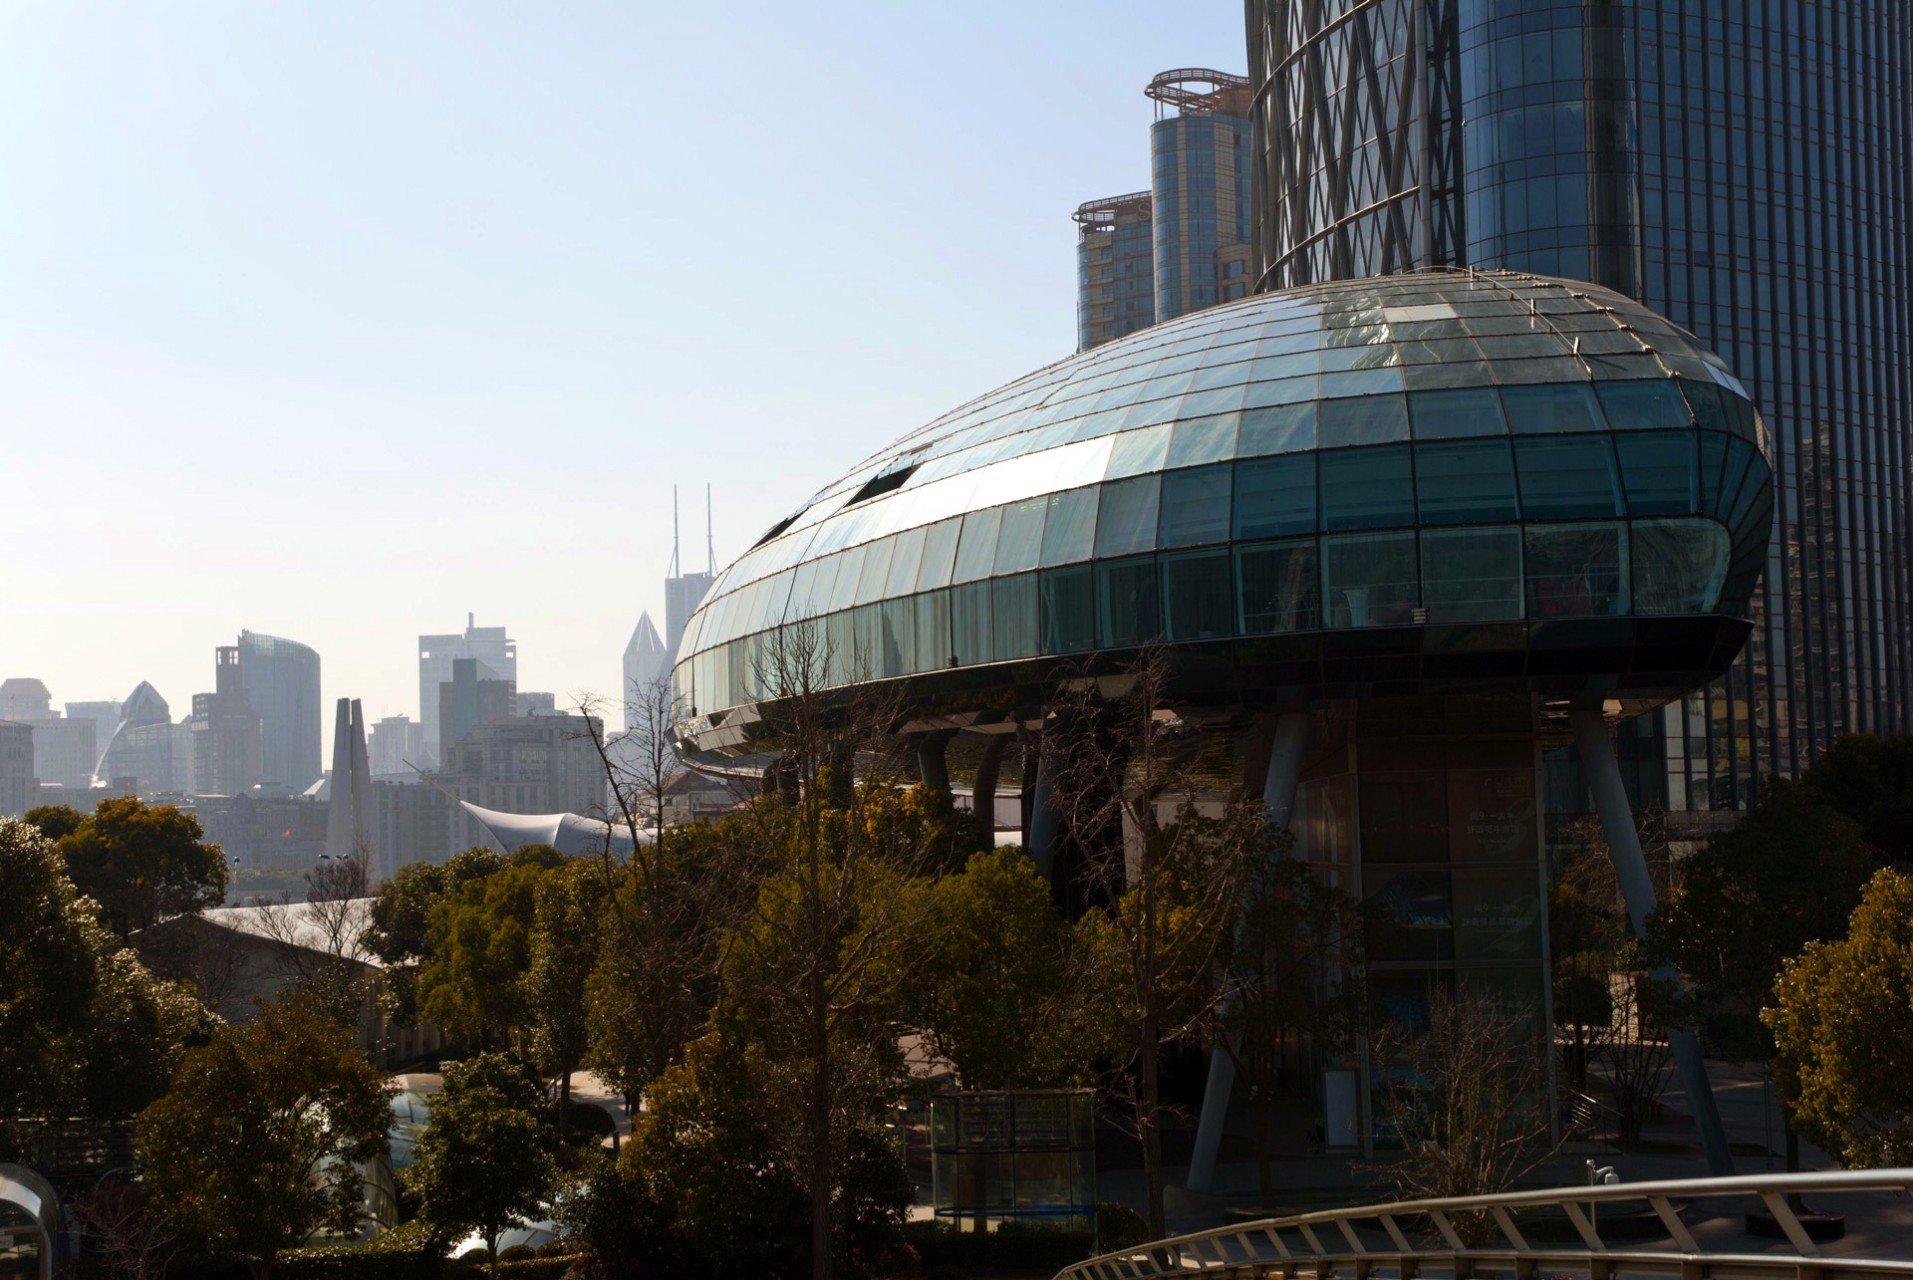 Shanghai Port International Cruise Terminal.  2010 – Shanghai, Puxi, Hongkou. Von Frank Repas Architecture. Der Shanghai Port International Cruise Terminal besitzt einen Gebäudeabschnitt mit der größten und komplexesten, jemals gebauten Blasenstruktur.